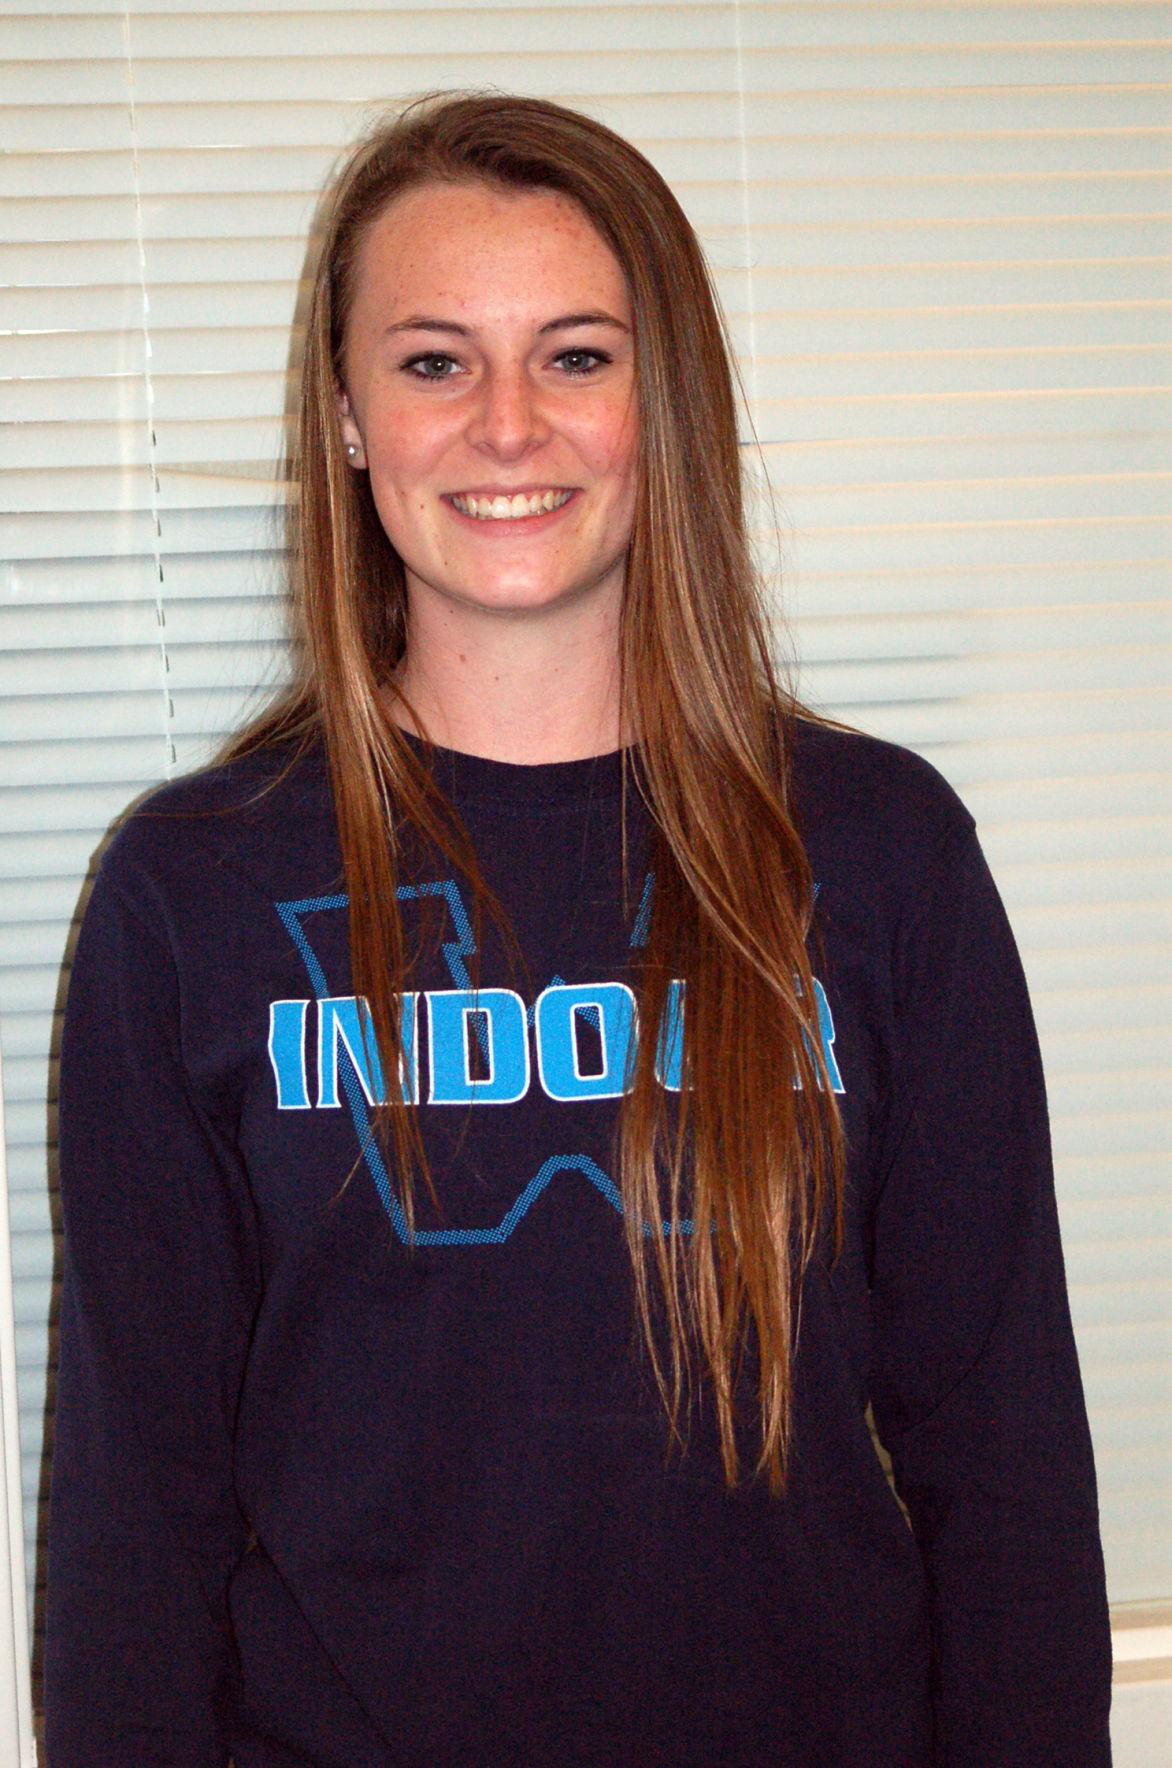 Athlete of the Week: Kinley Drummonds